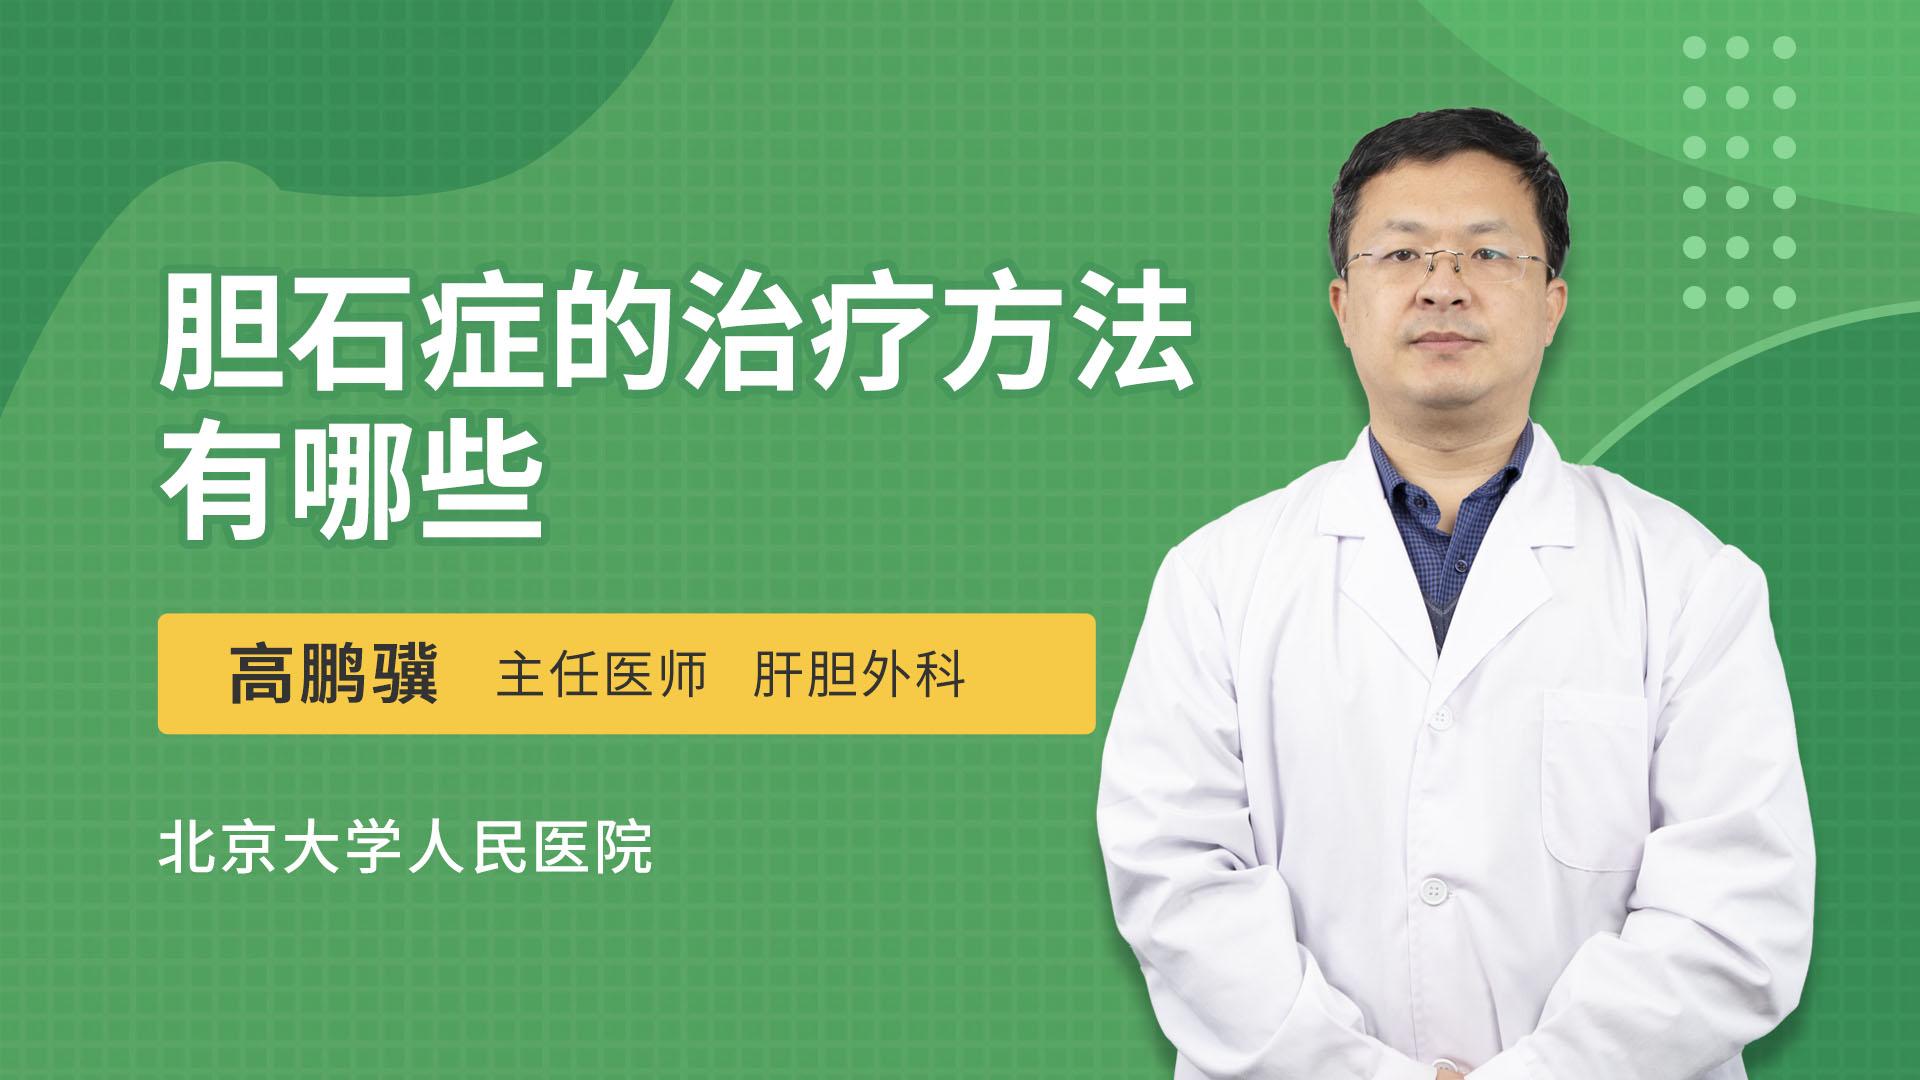 胆石症的治疗方法有哪些